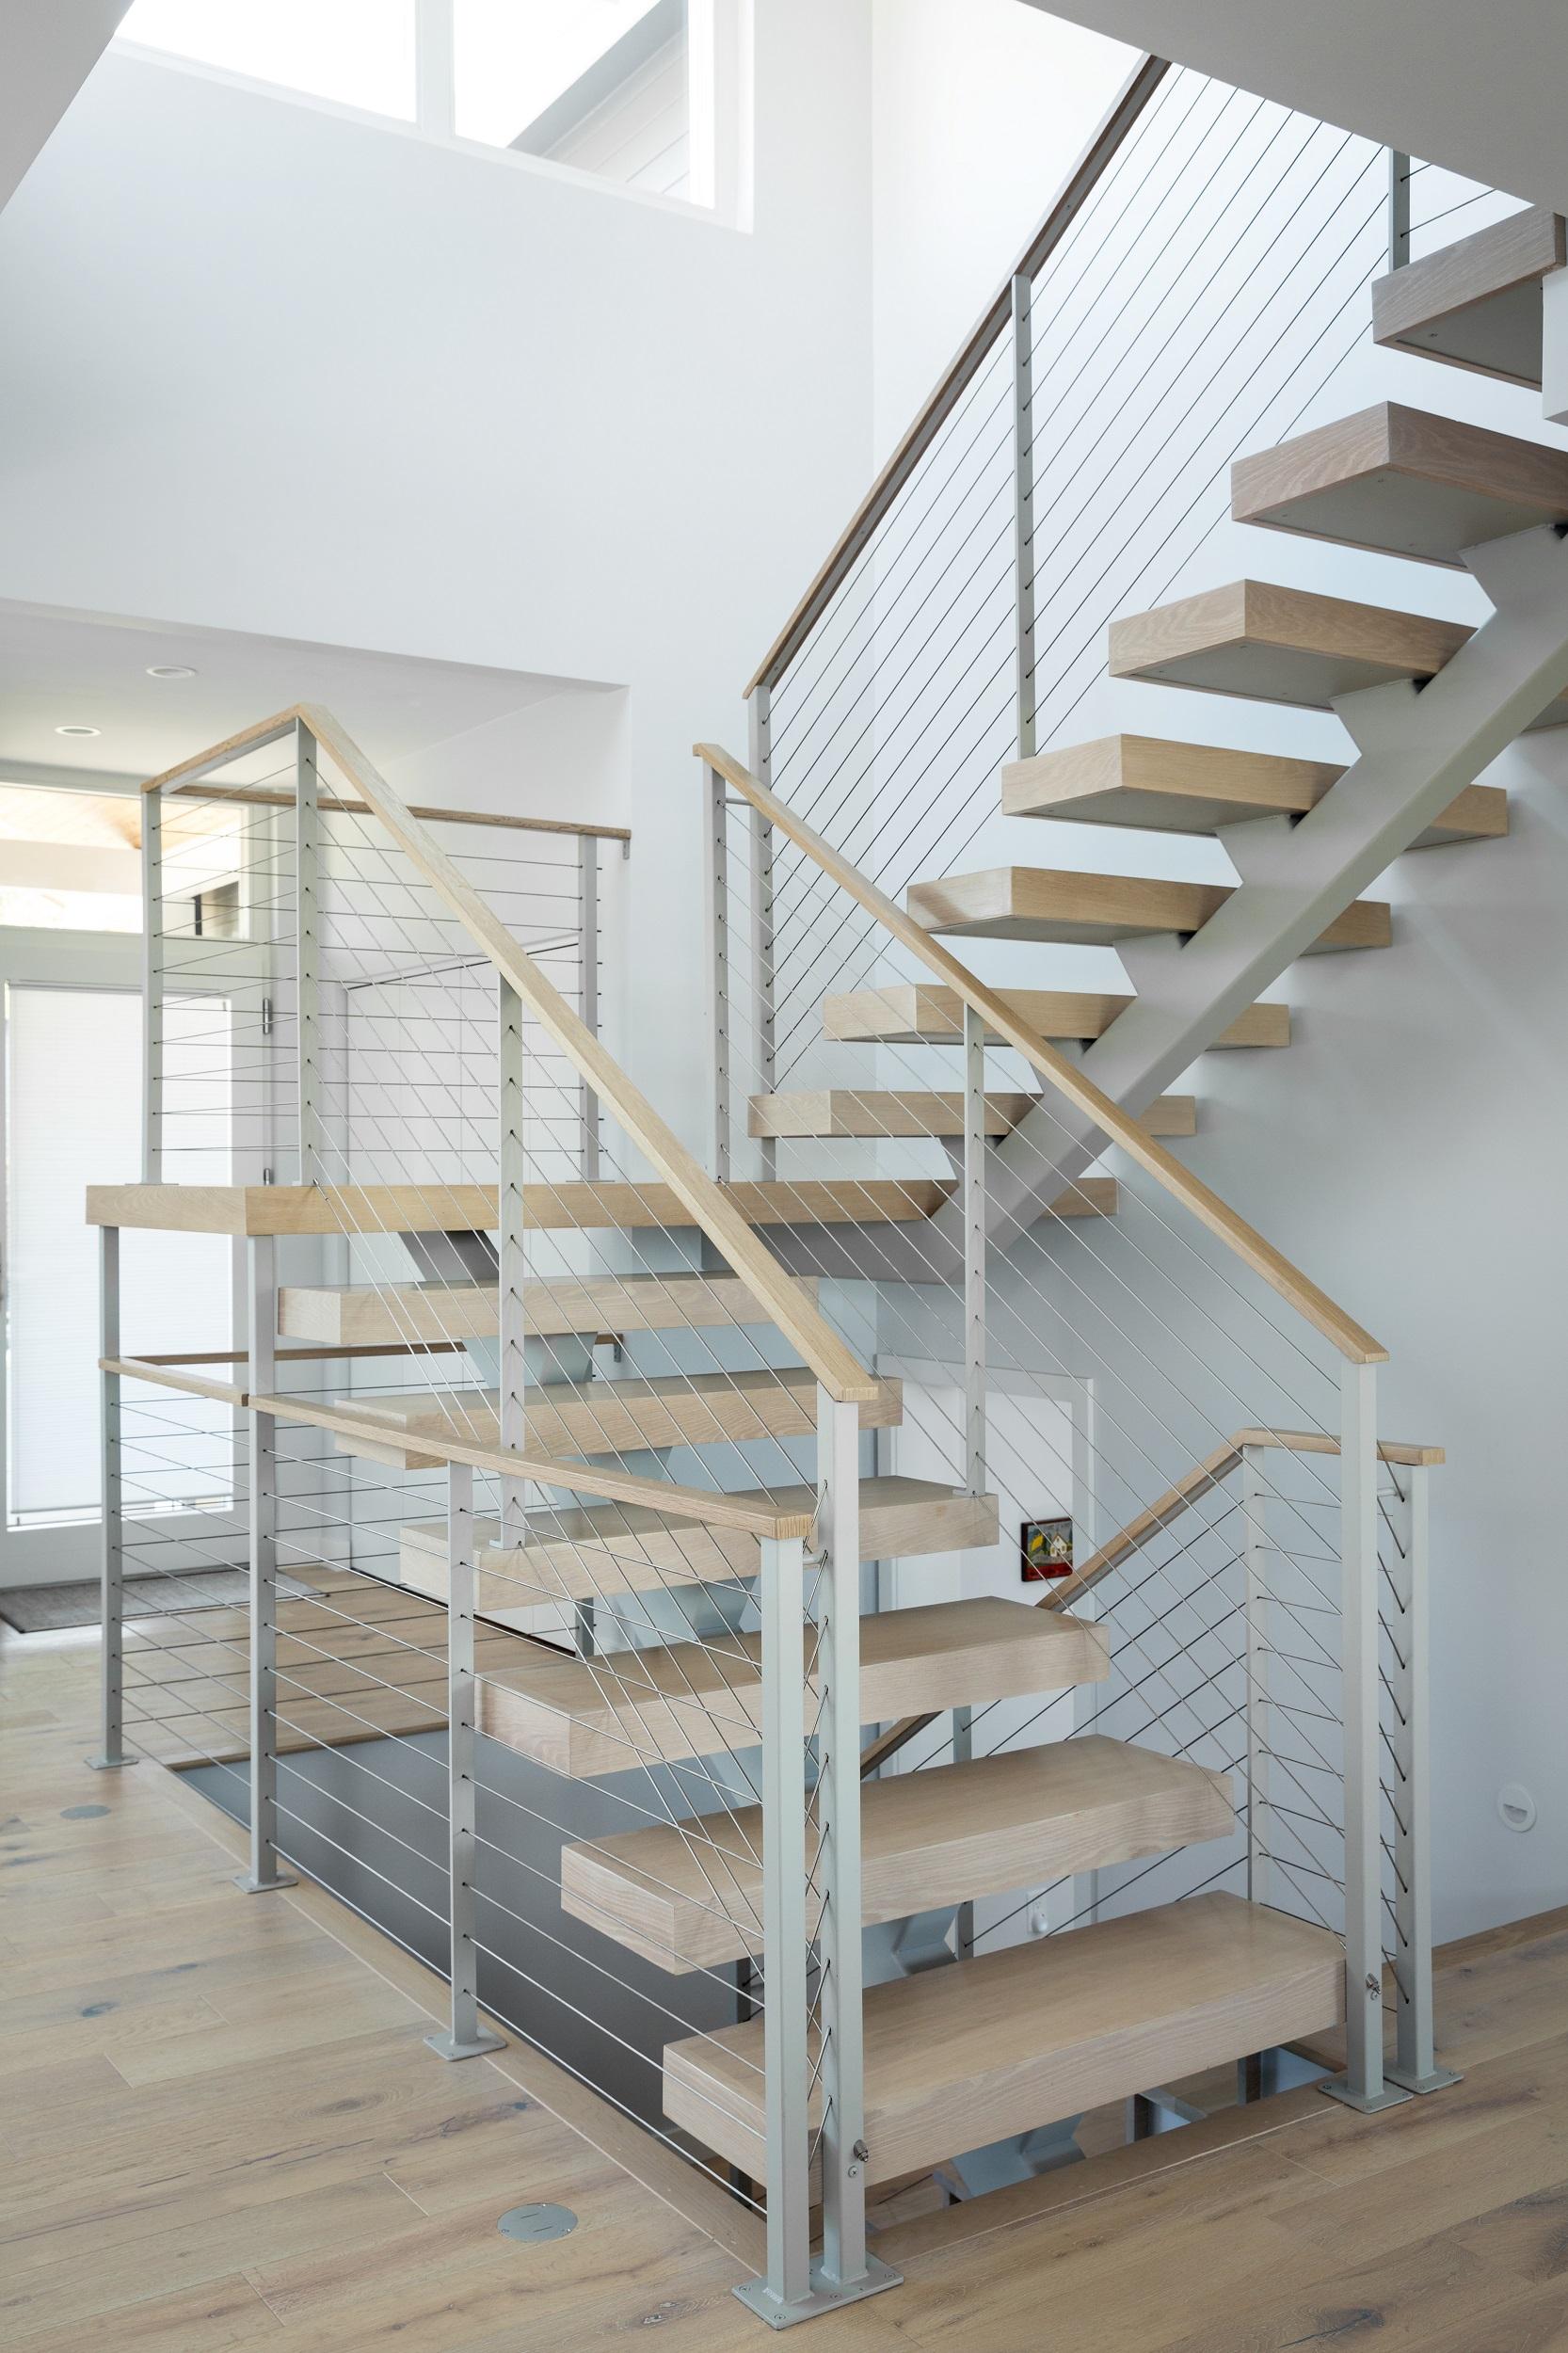 Locust-Stairwell - 2500